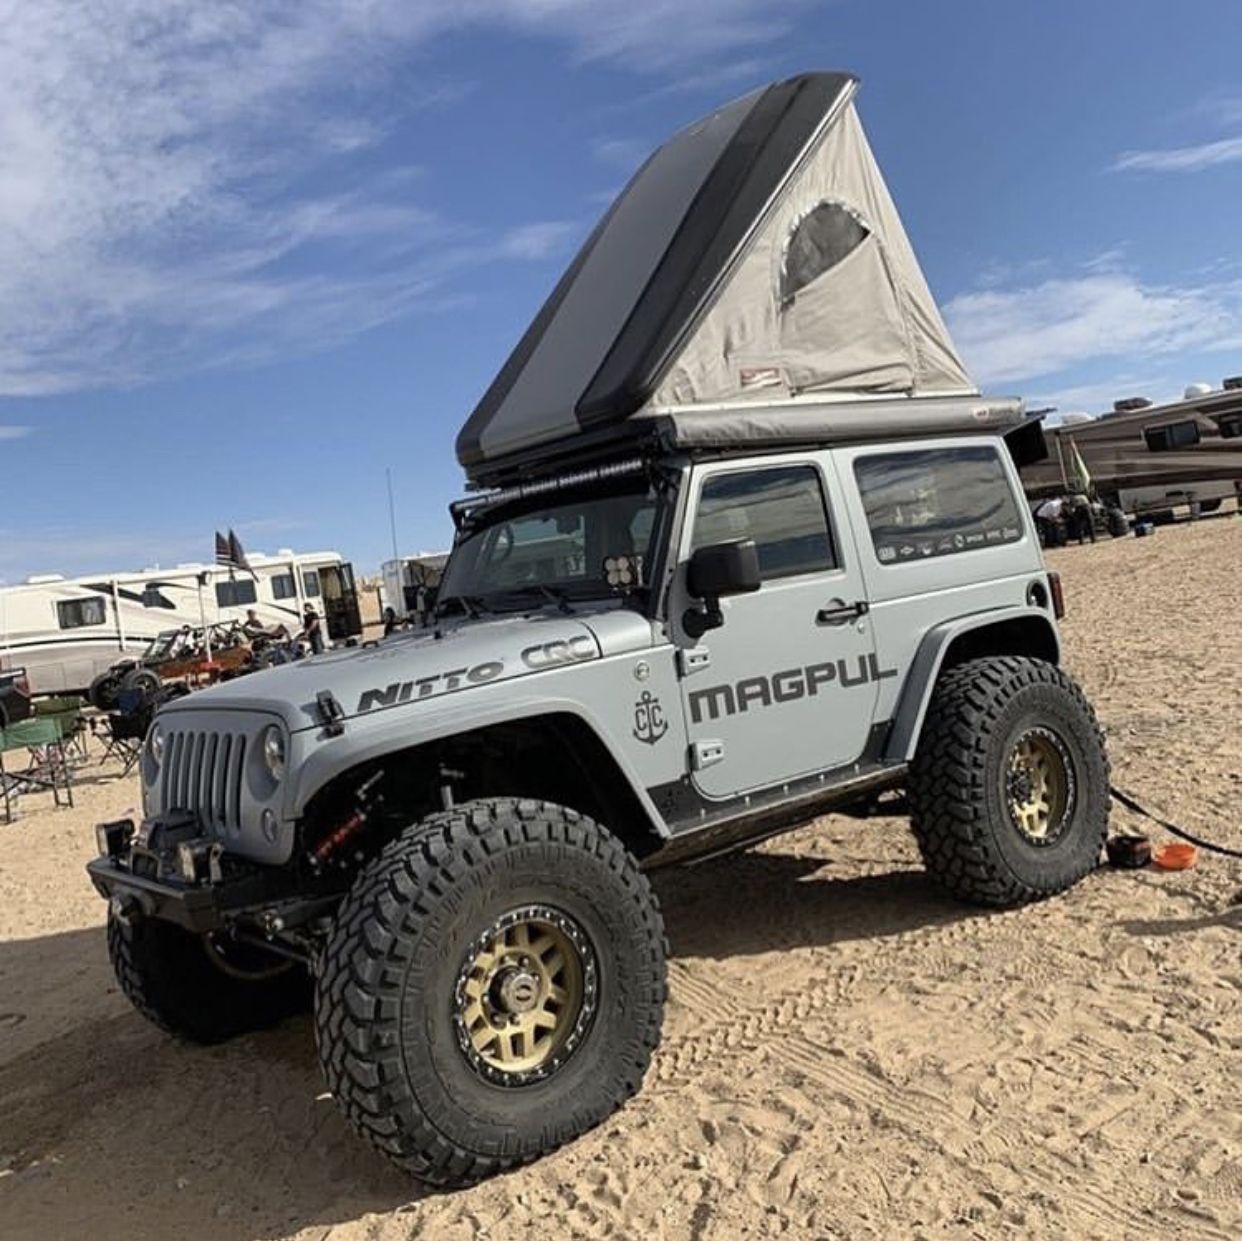 Overland Jeep Wrangler Das Schonste Bild Fur Jeeps Quotes Das Zu Ihrem Vergnugen Passt Sie Suchen Etwas Und In 2020 Jeep Wrangler Camping Jeep Tent Jeep Wrangler